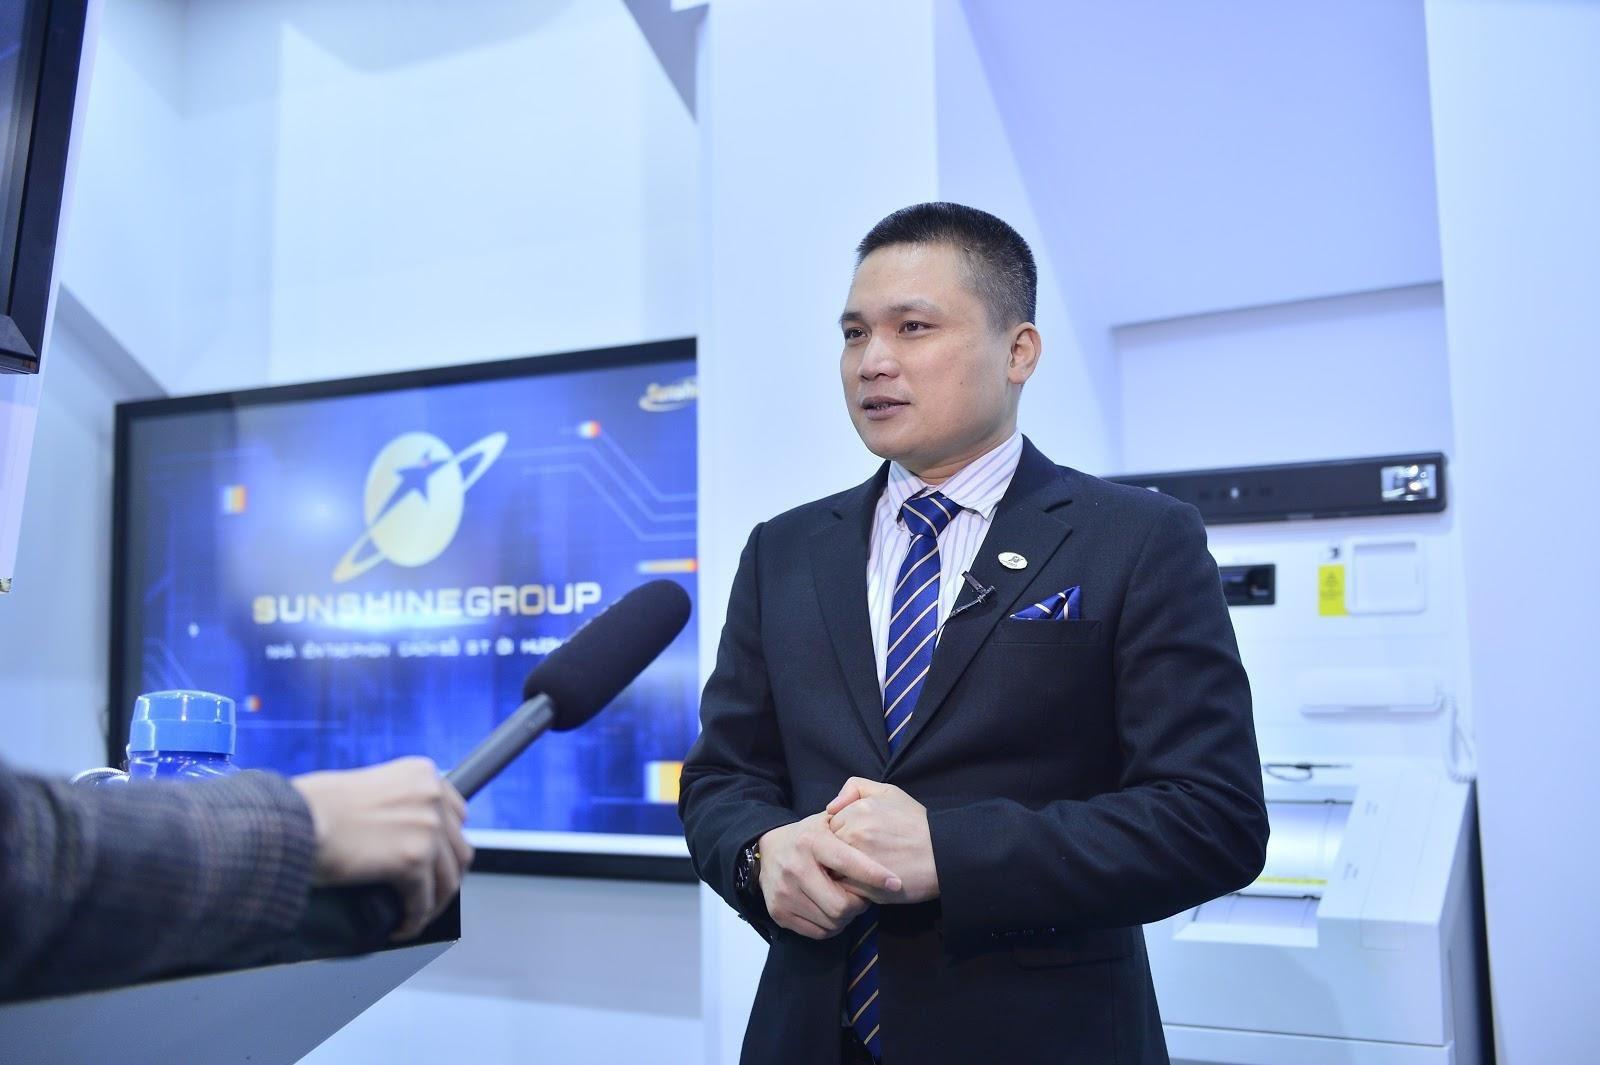 Dấu ấn của Sunshine Group tại Triển lãm quốc tế Đổi mới sáng tạo Việt Nam 2021 - Ảnh 7.